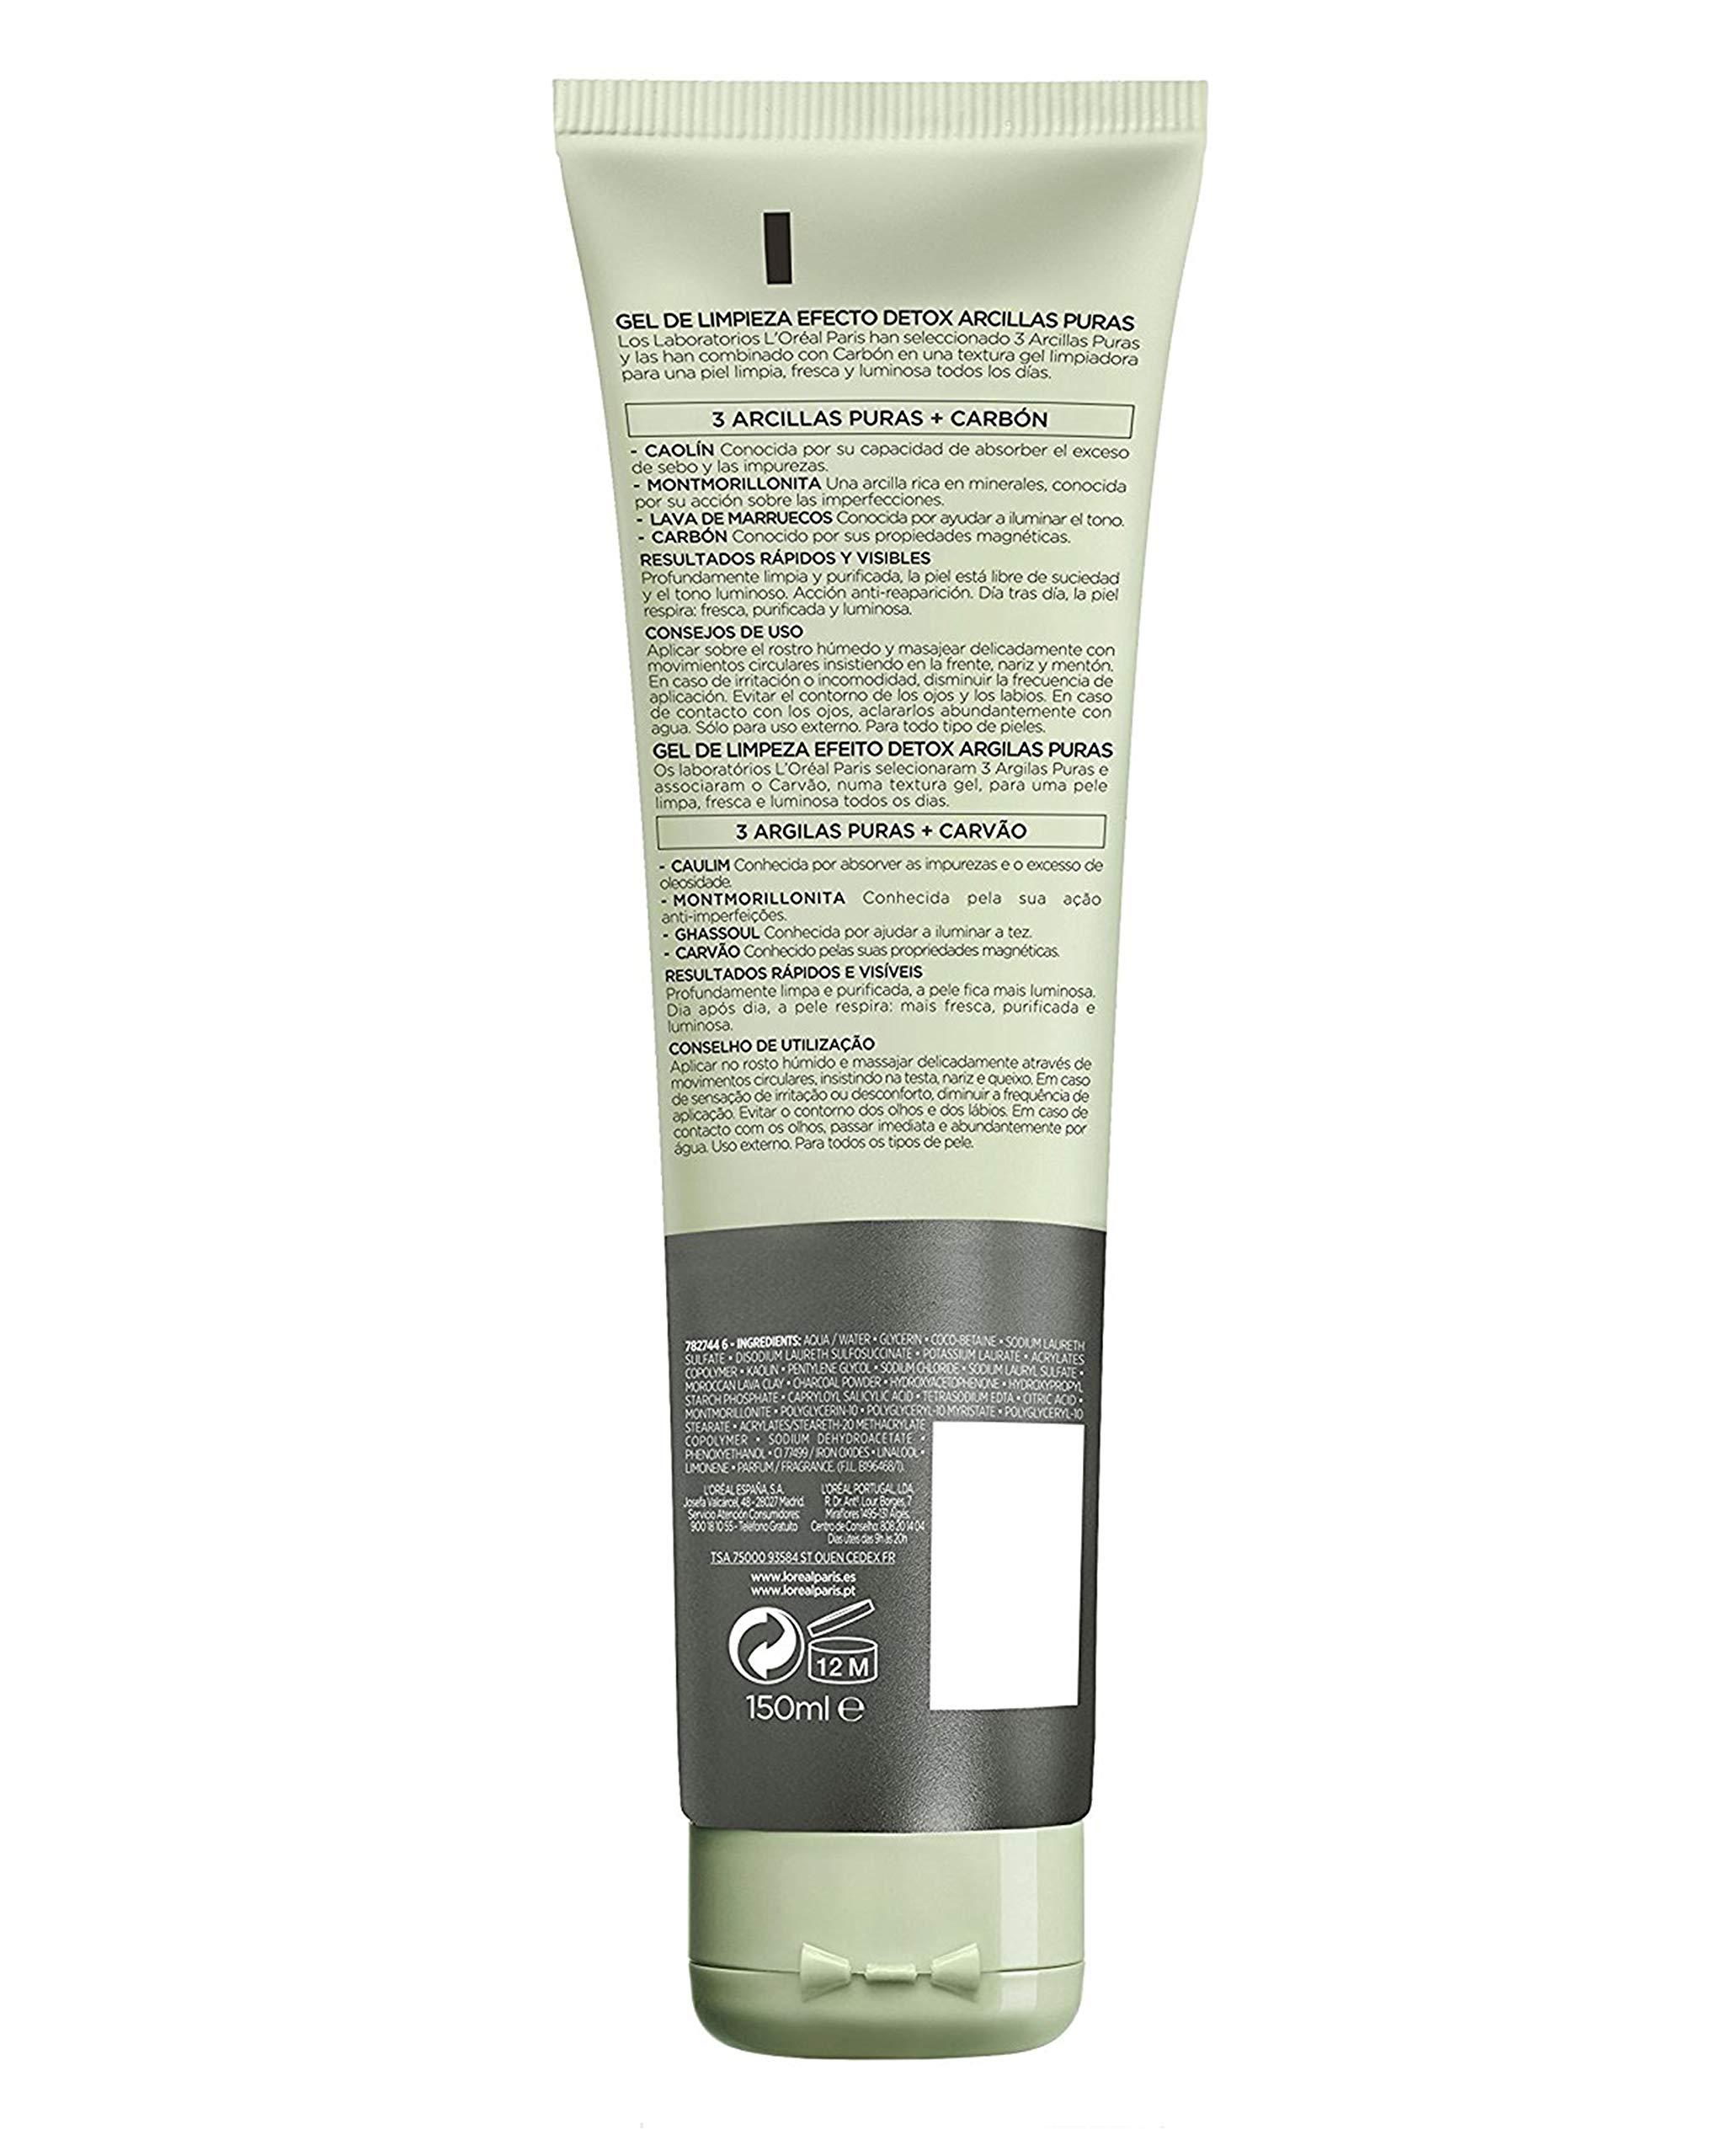 L'Oreal Paris Dermo Expertise – Arcillas puras gel limpiador detox, color negro – 150 ml